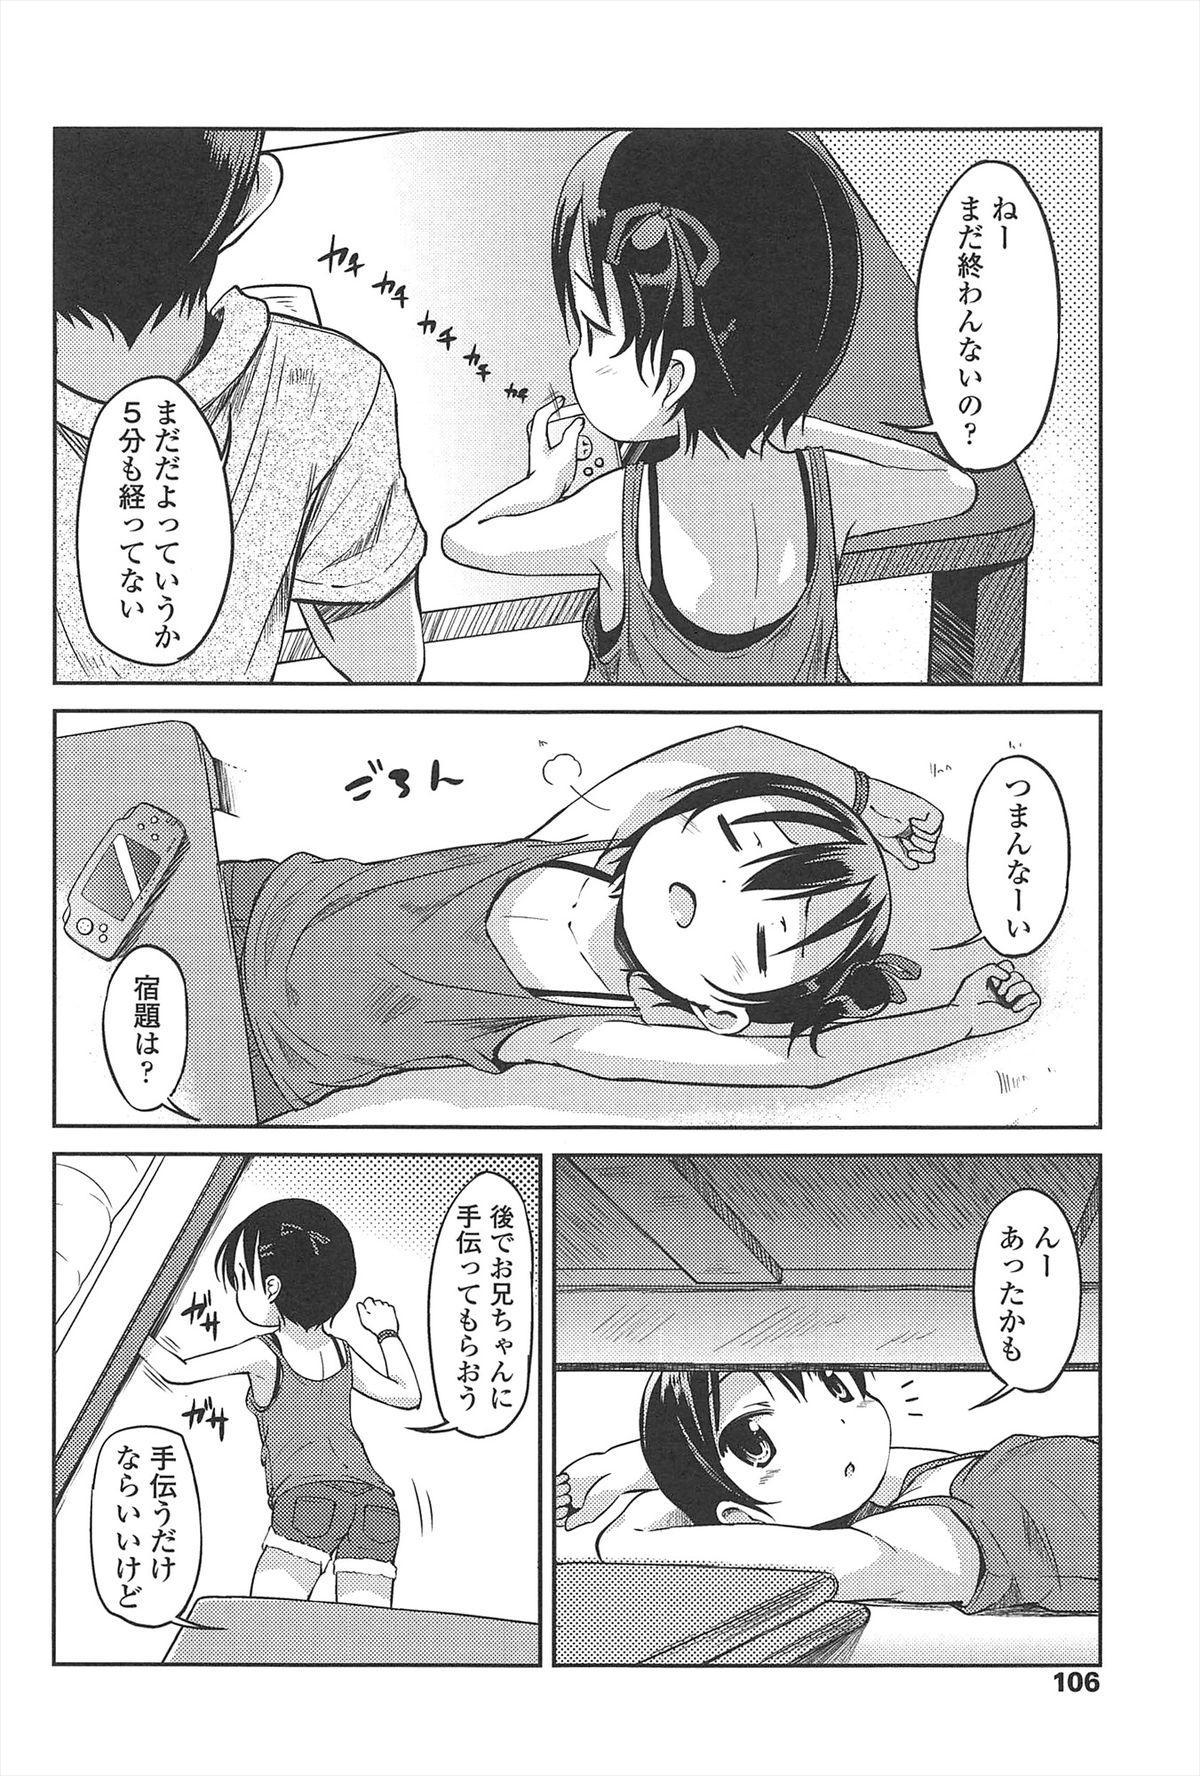 Hajimeteno! 106